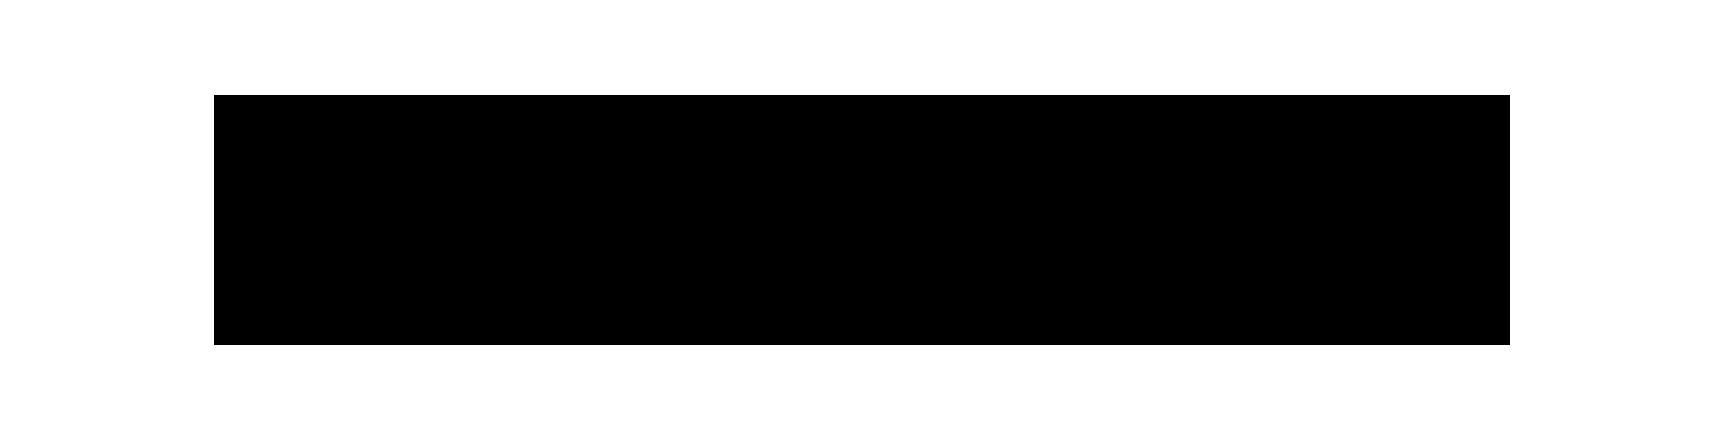 コミックナタリー ロゴ(モノトーン 白背景用)112